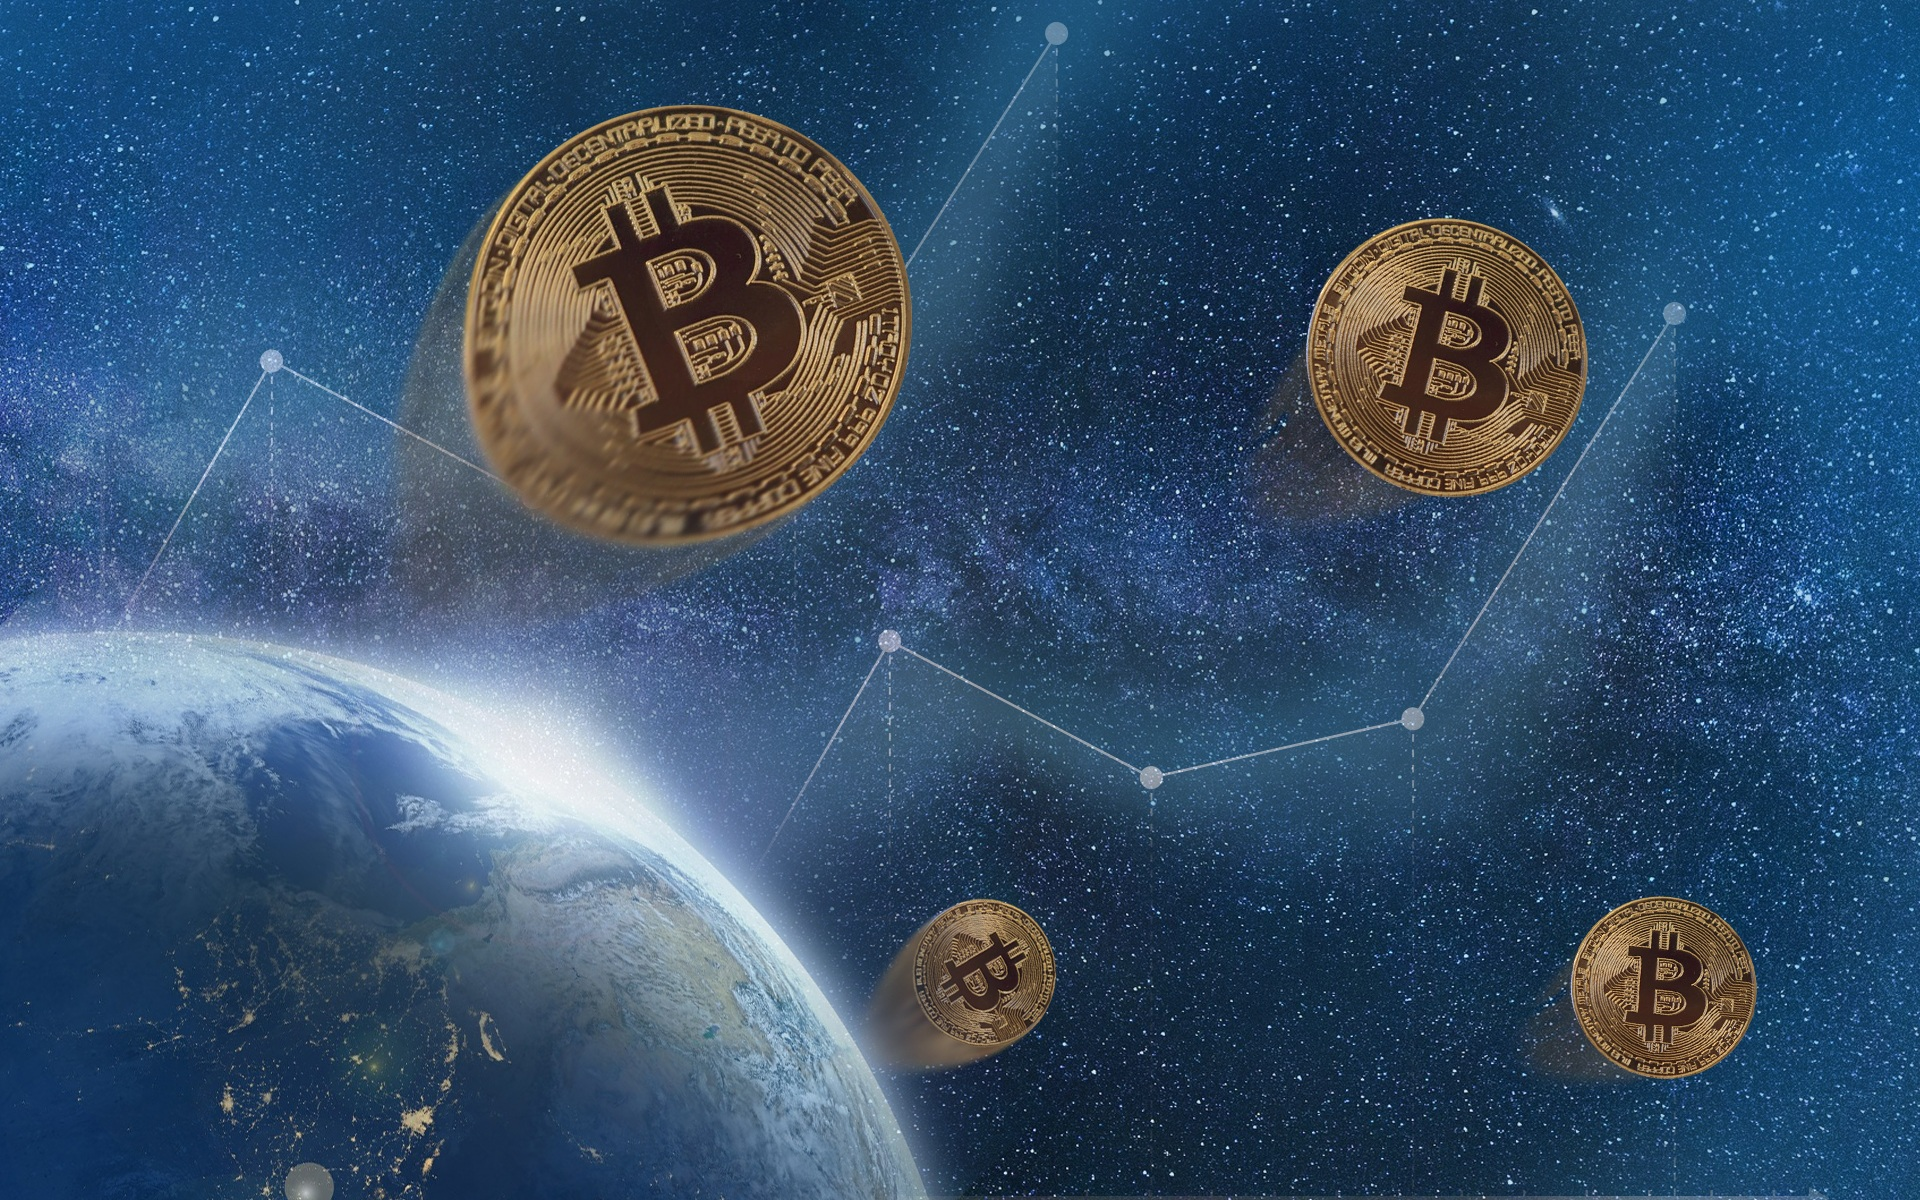 Hoe werkt Work Bitcoin e-commerce? Is het echt?